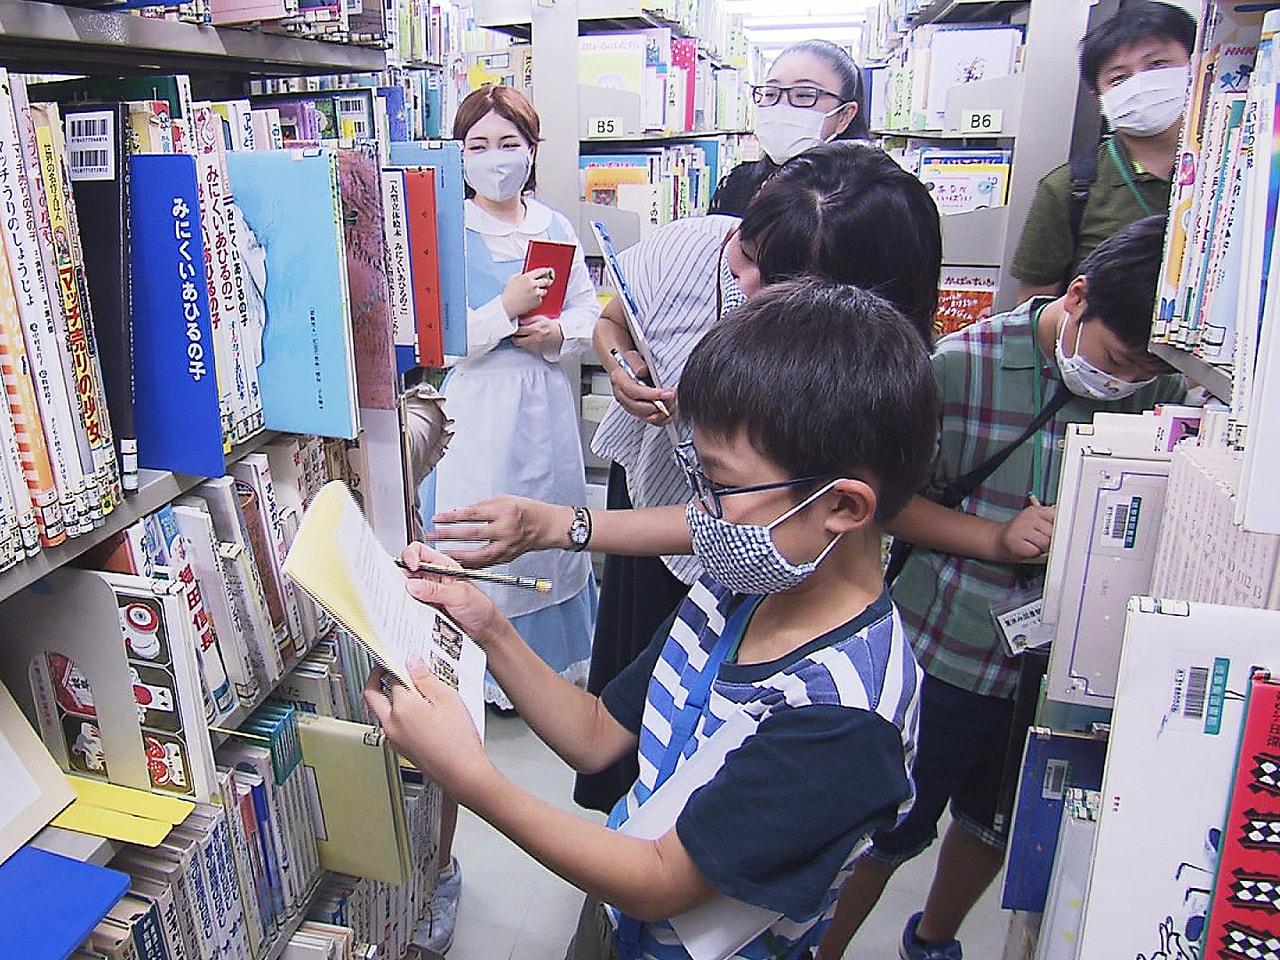 夏休みの親子に図書館の魅力を知ってもらおうという取り組みです。 普段入ることがで...